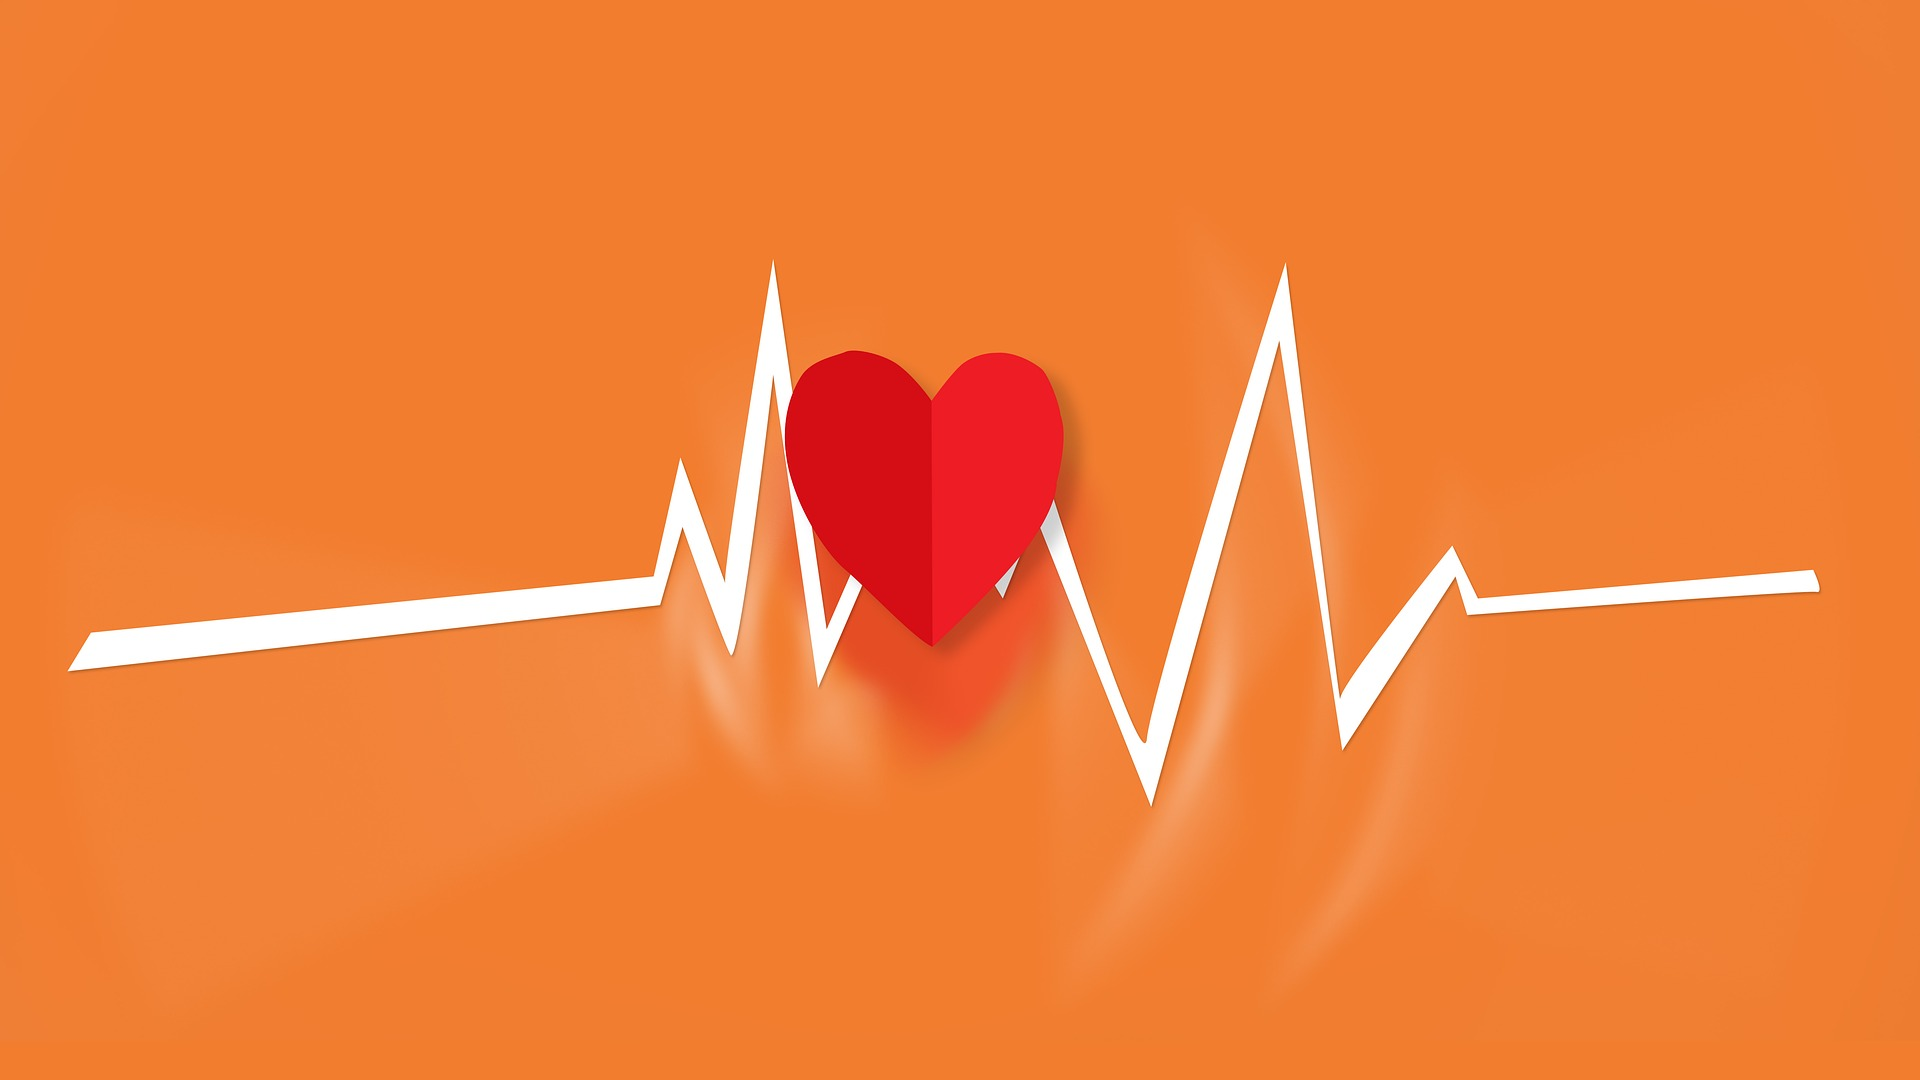 7-errores-que-cometen-los-pacientes-con-problemas-cardiacos.jpg